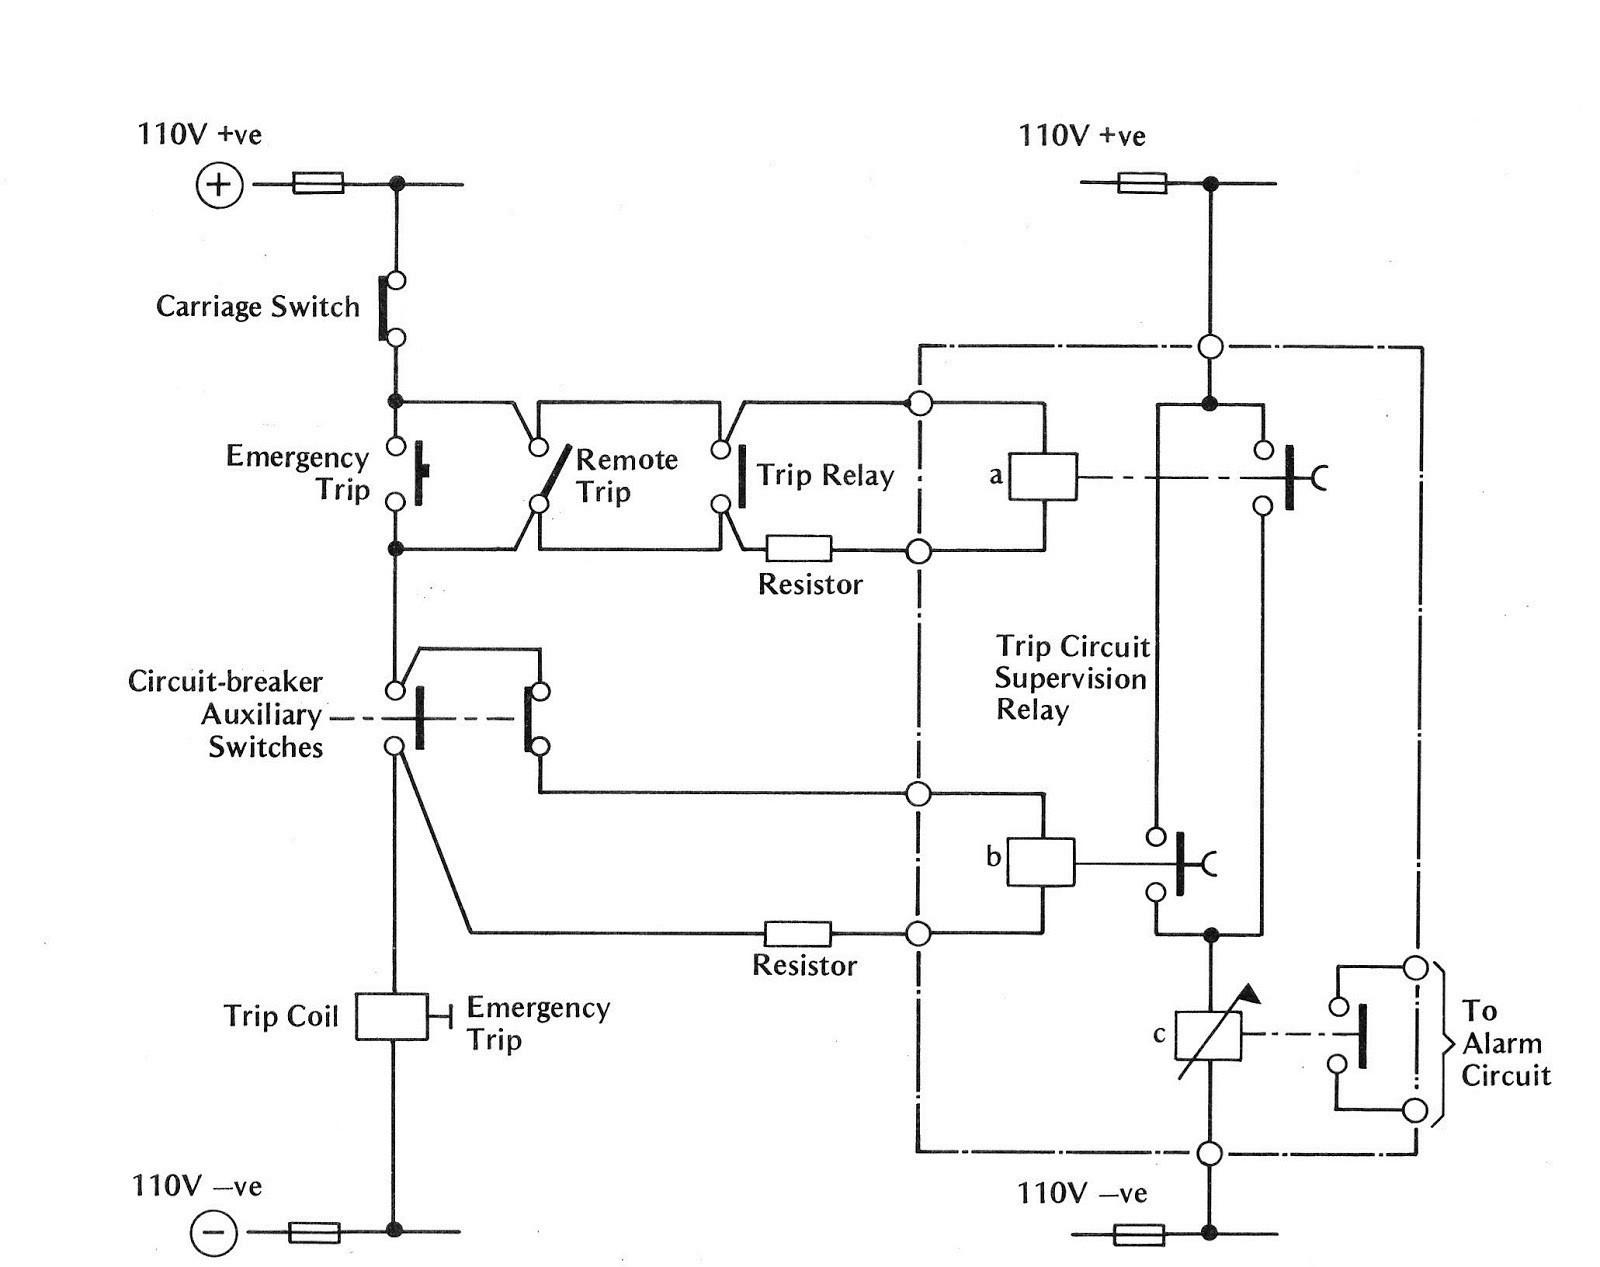 Allen Bradley Switch Wiring Diagram   Wiring Diagram - Allen Bradley Safety Relay Wiring Diagram